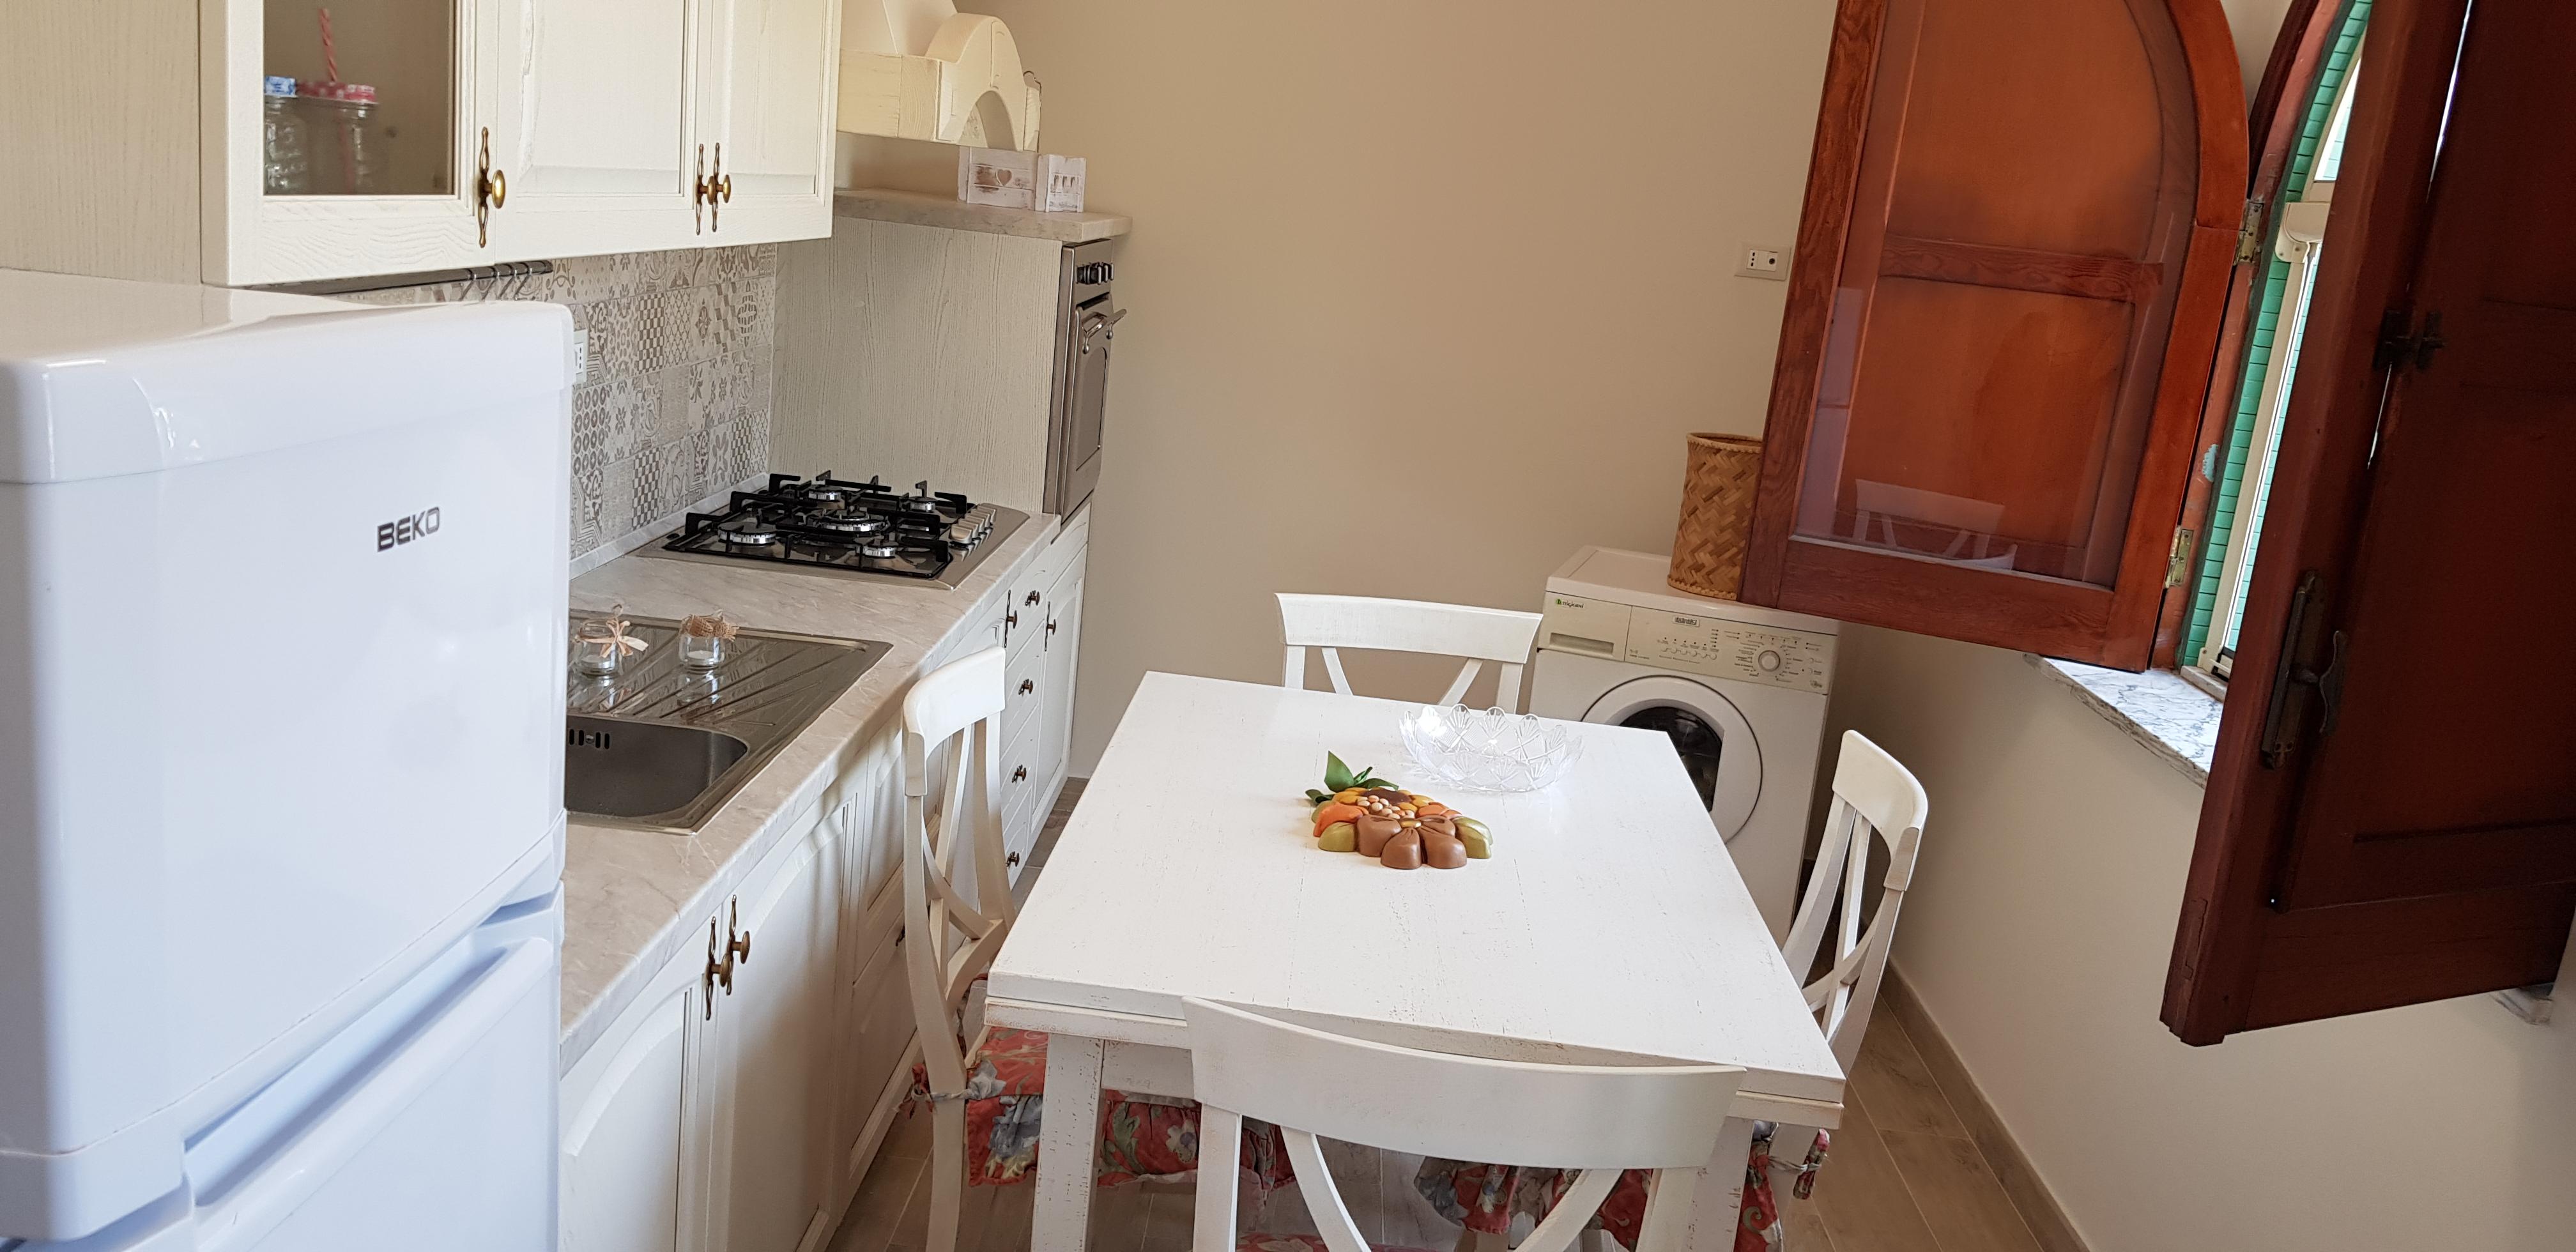 Bed and Breakfast Marina di Pulsano Taranto - AltaMarea B&B Taranto Puglia Vacanze mare, casa vacanze, casa a mare, bed and breakfast puglia pulsano, stanza pulsano taranto, camera pulsano mare